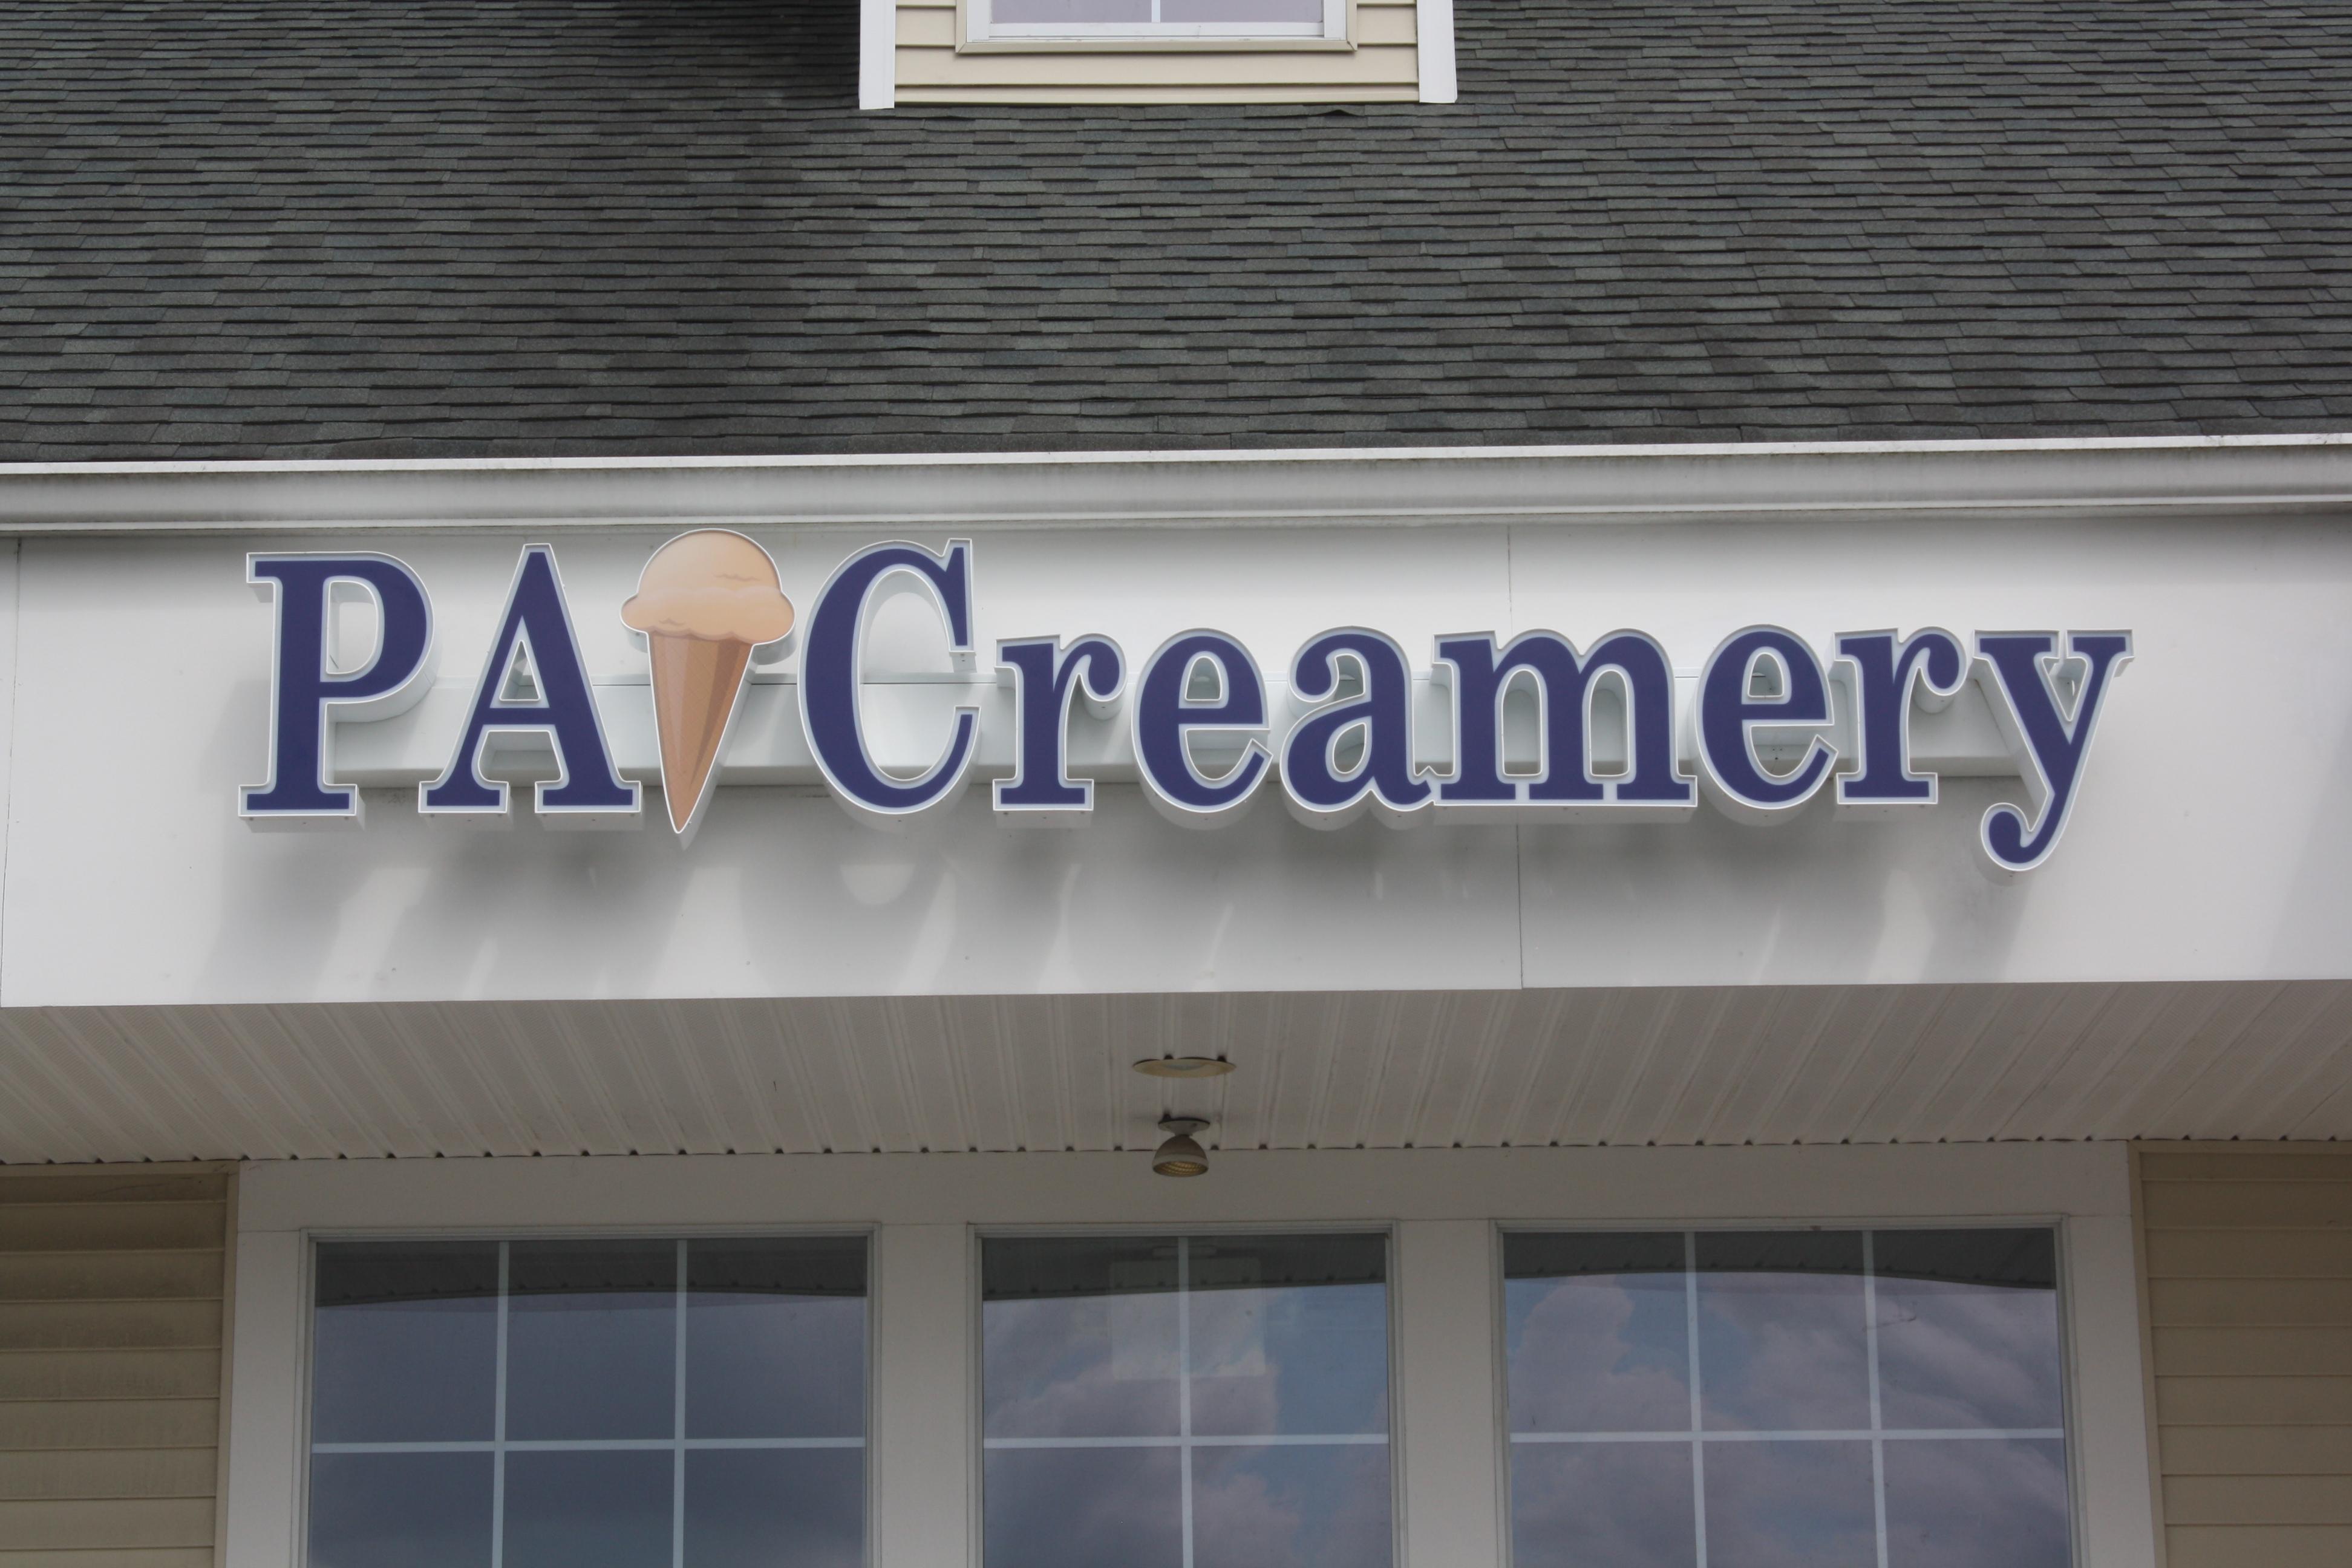 PA Creamery